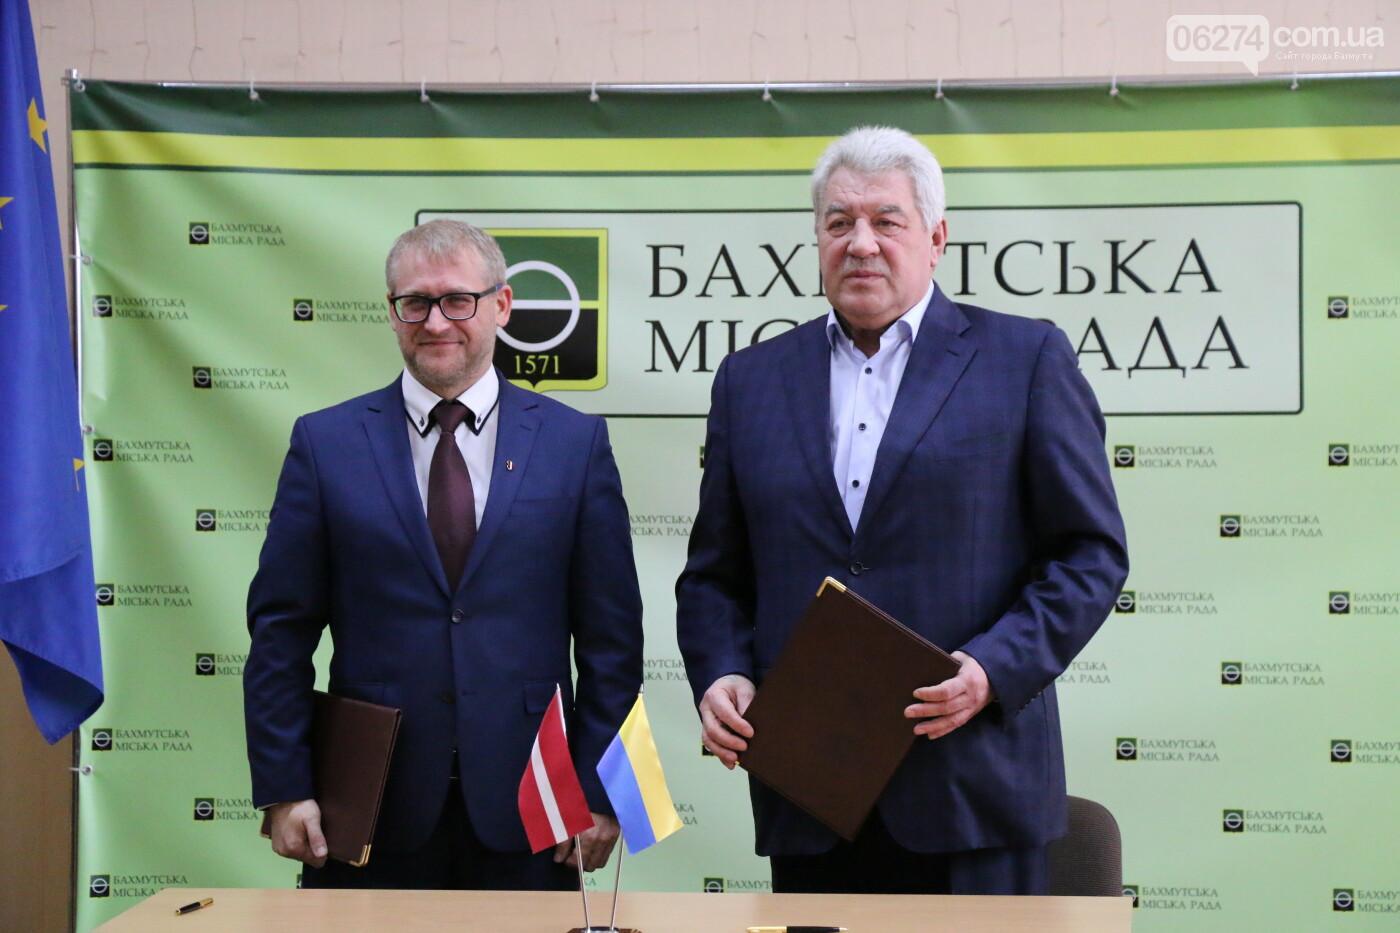 Городской голова Бахмута подписал Договор о сотрудничестве с громадой Салдусского края, фото-7